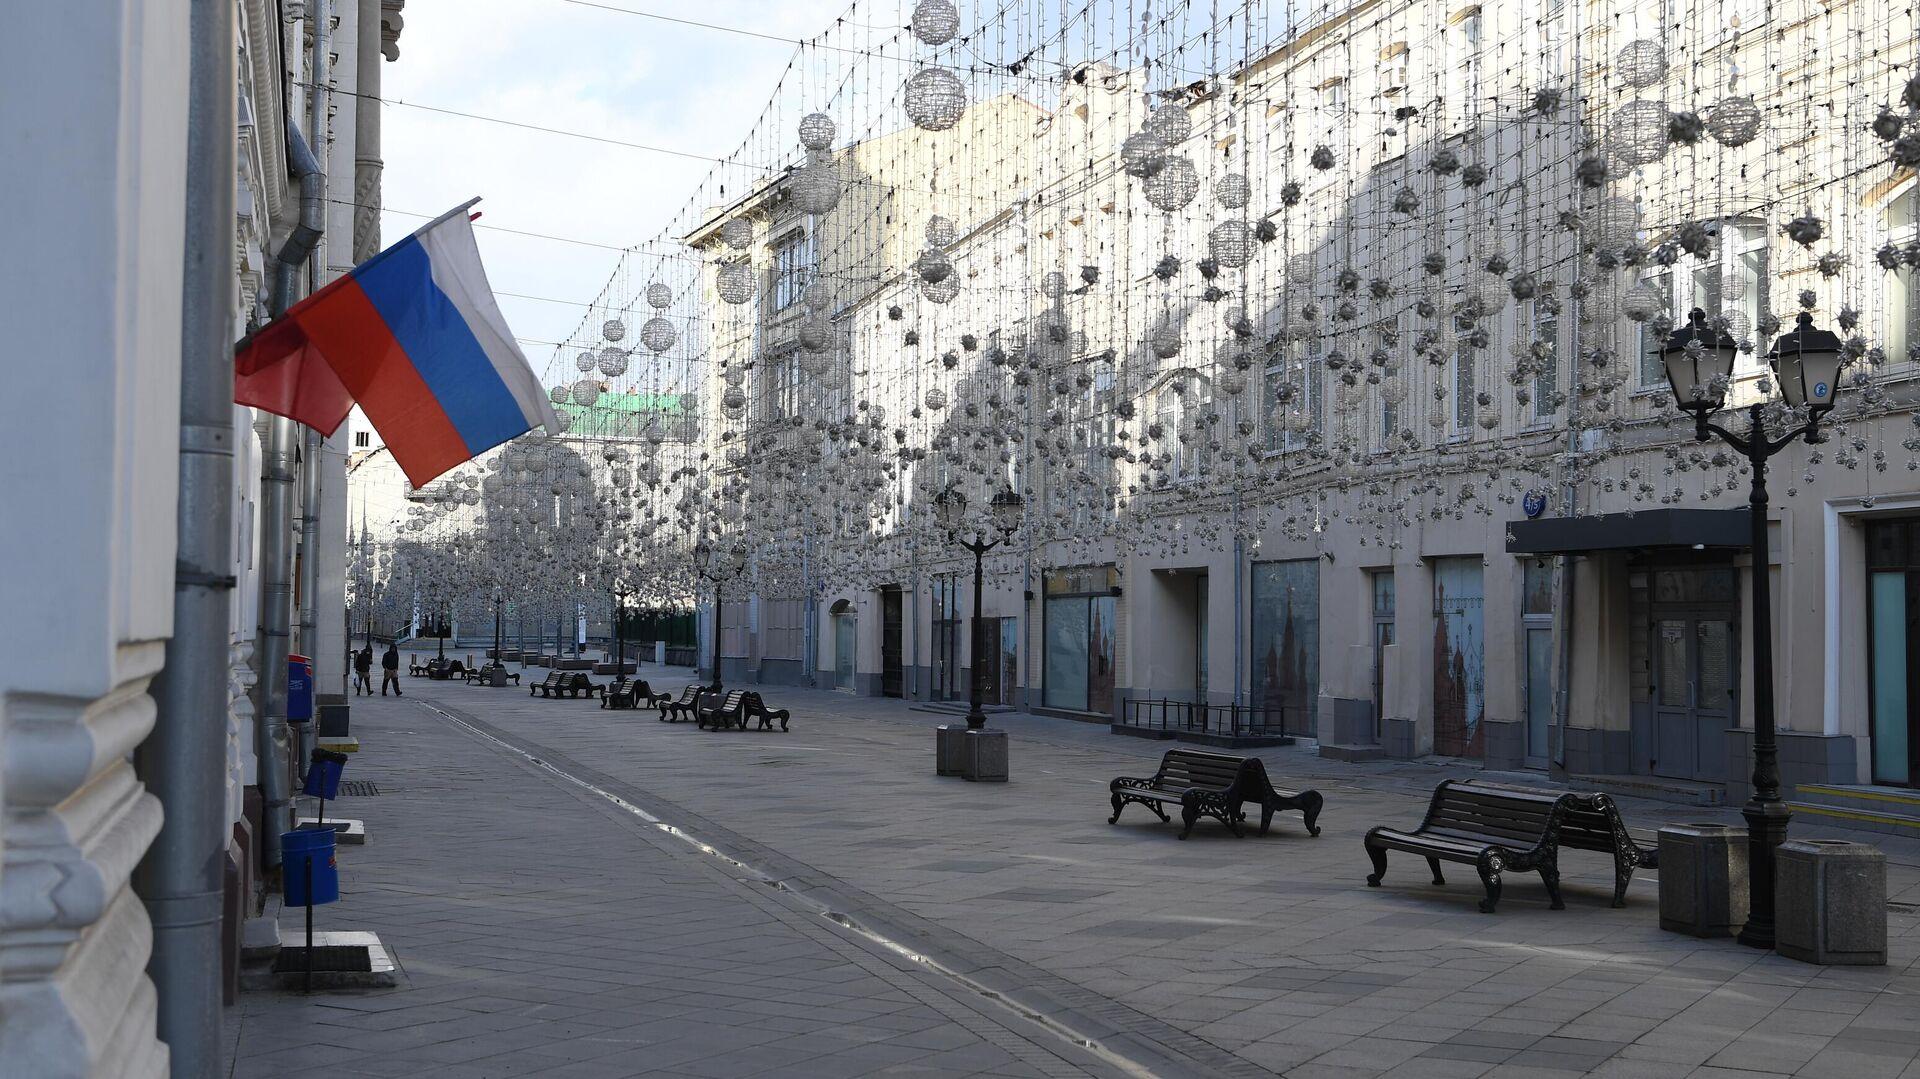 Пустая Никольская улица в Москве - РИА Новости, 1920, 12.06.2021